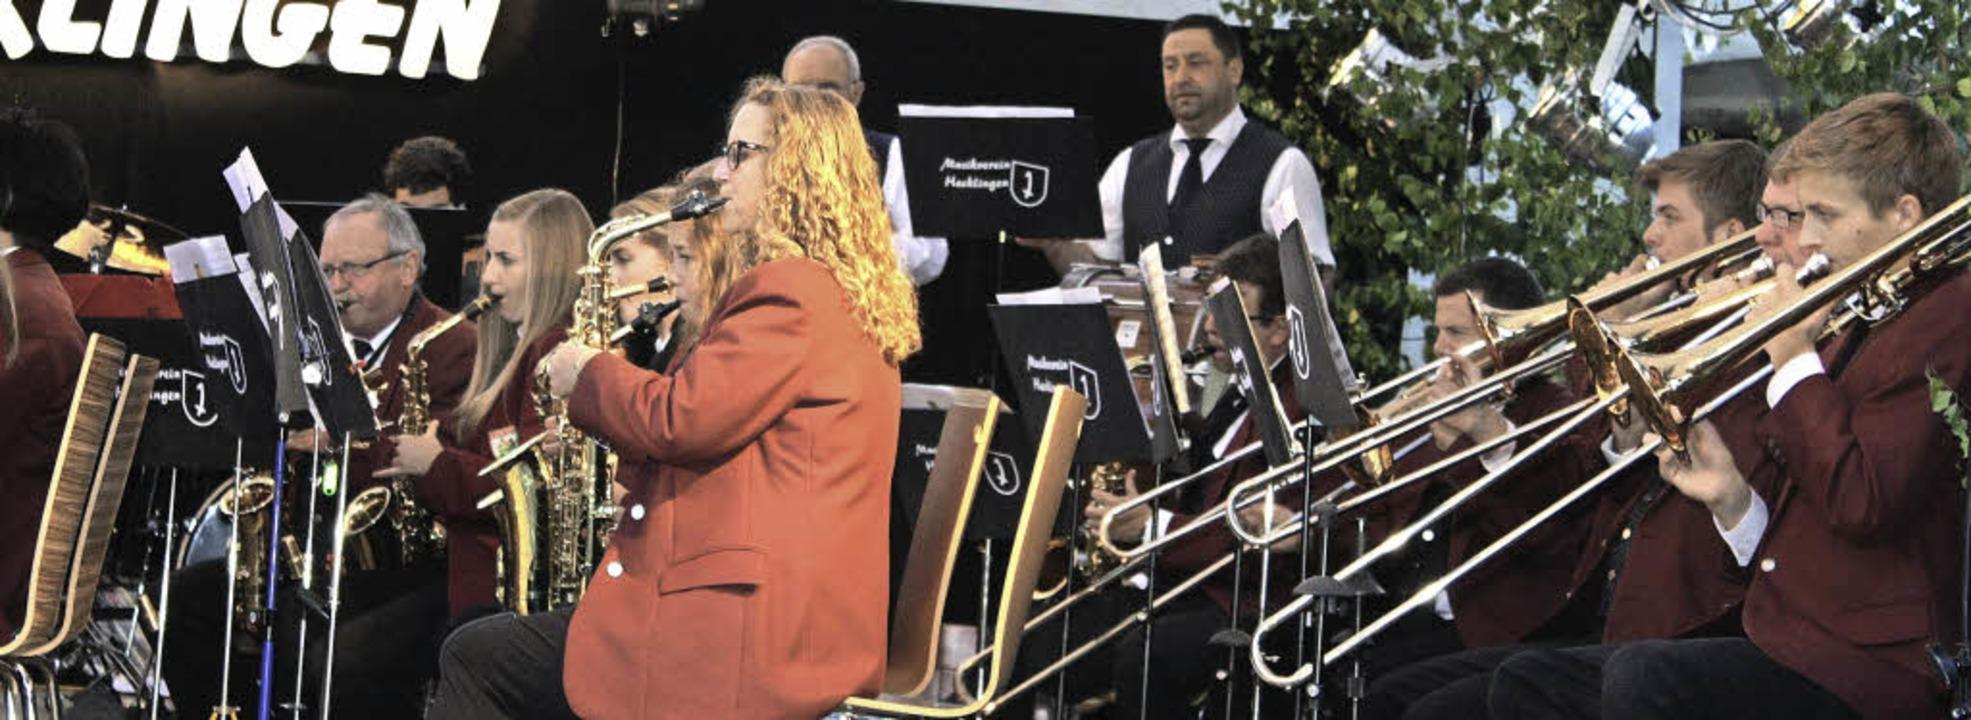 Mitreißende Blasmusik bot der Musikver...lingen am Samstagabend im Schlosshof.   | Foto: Werner Schnabl